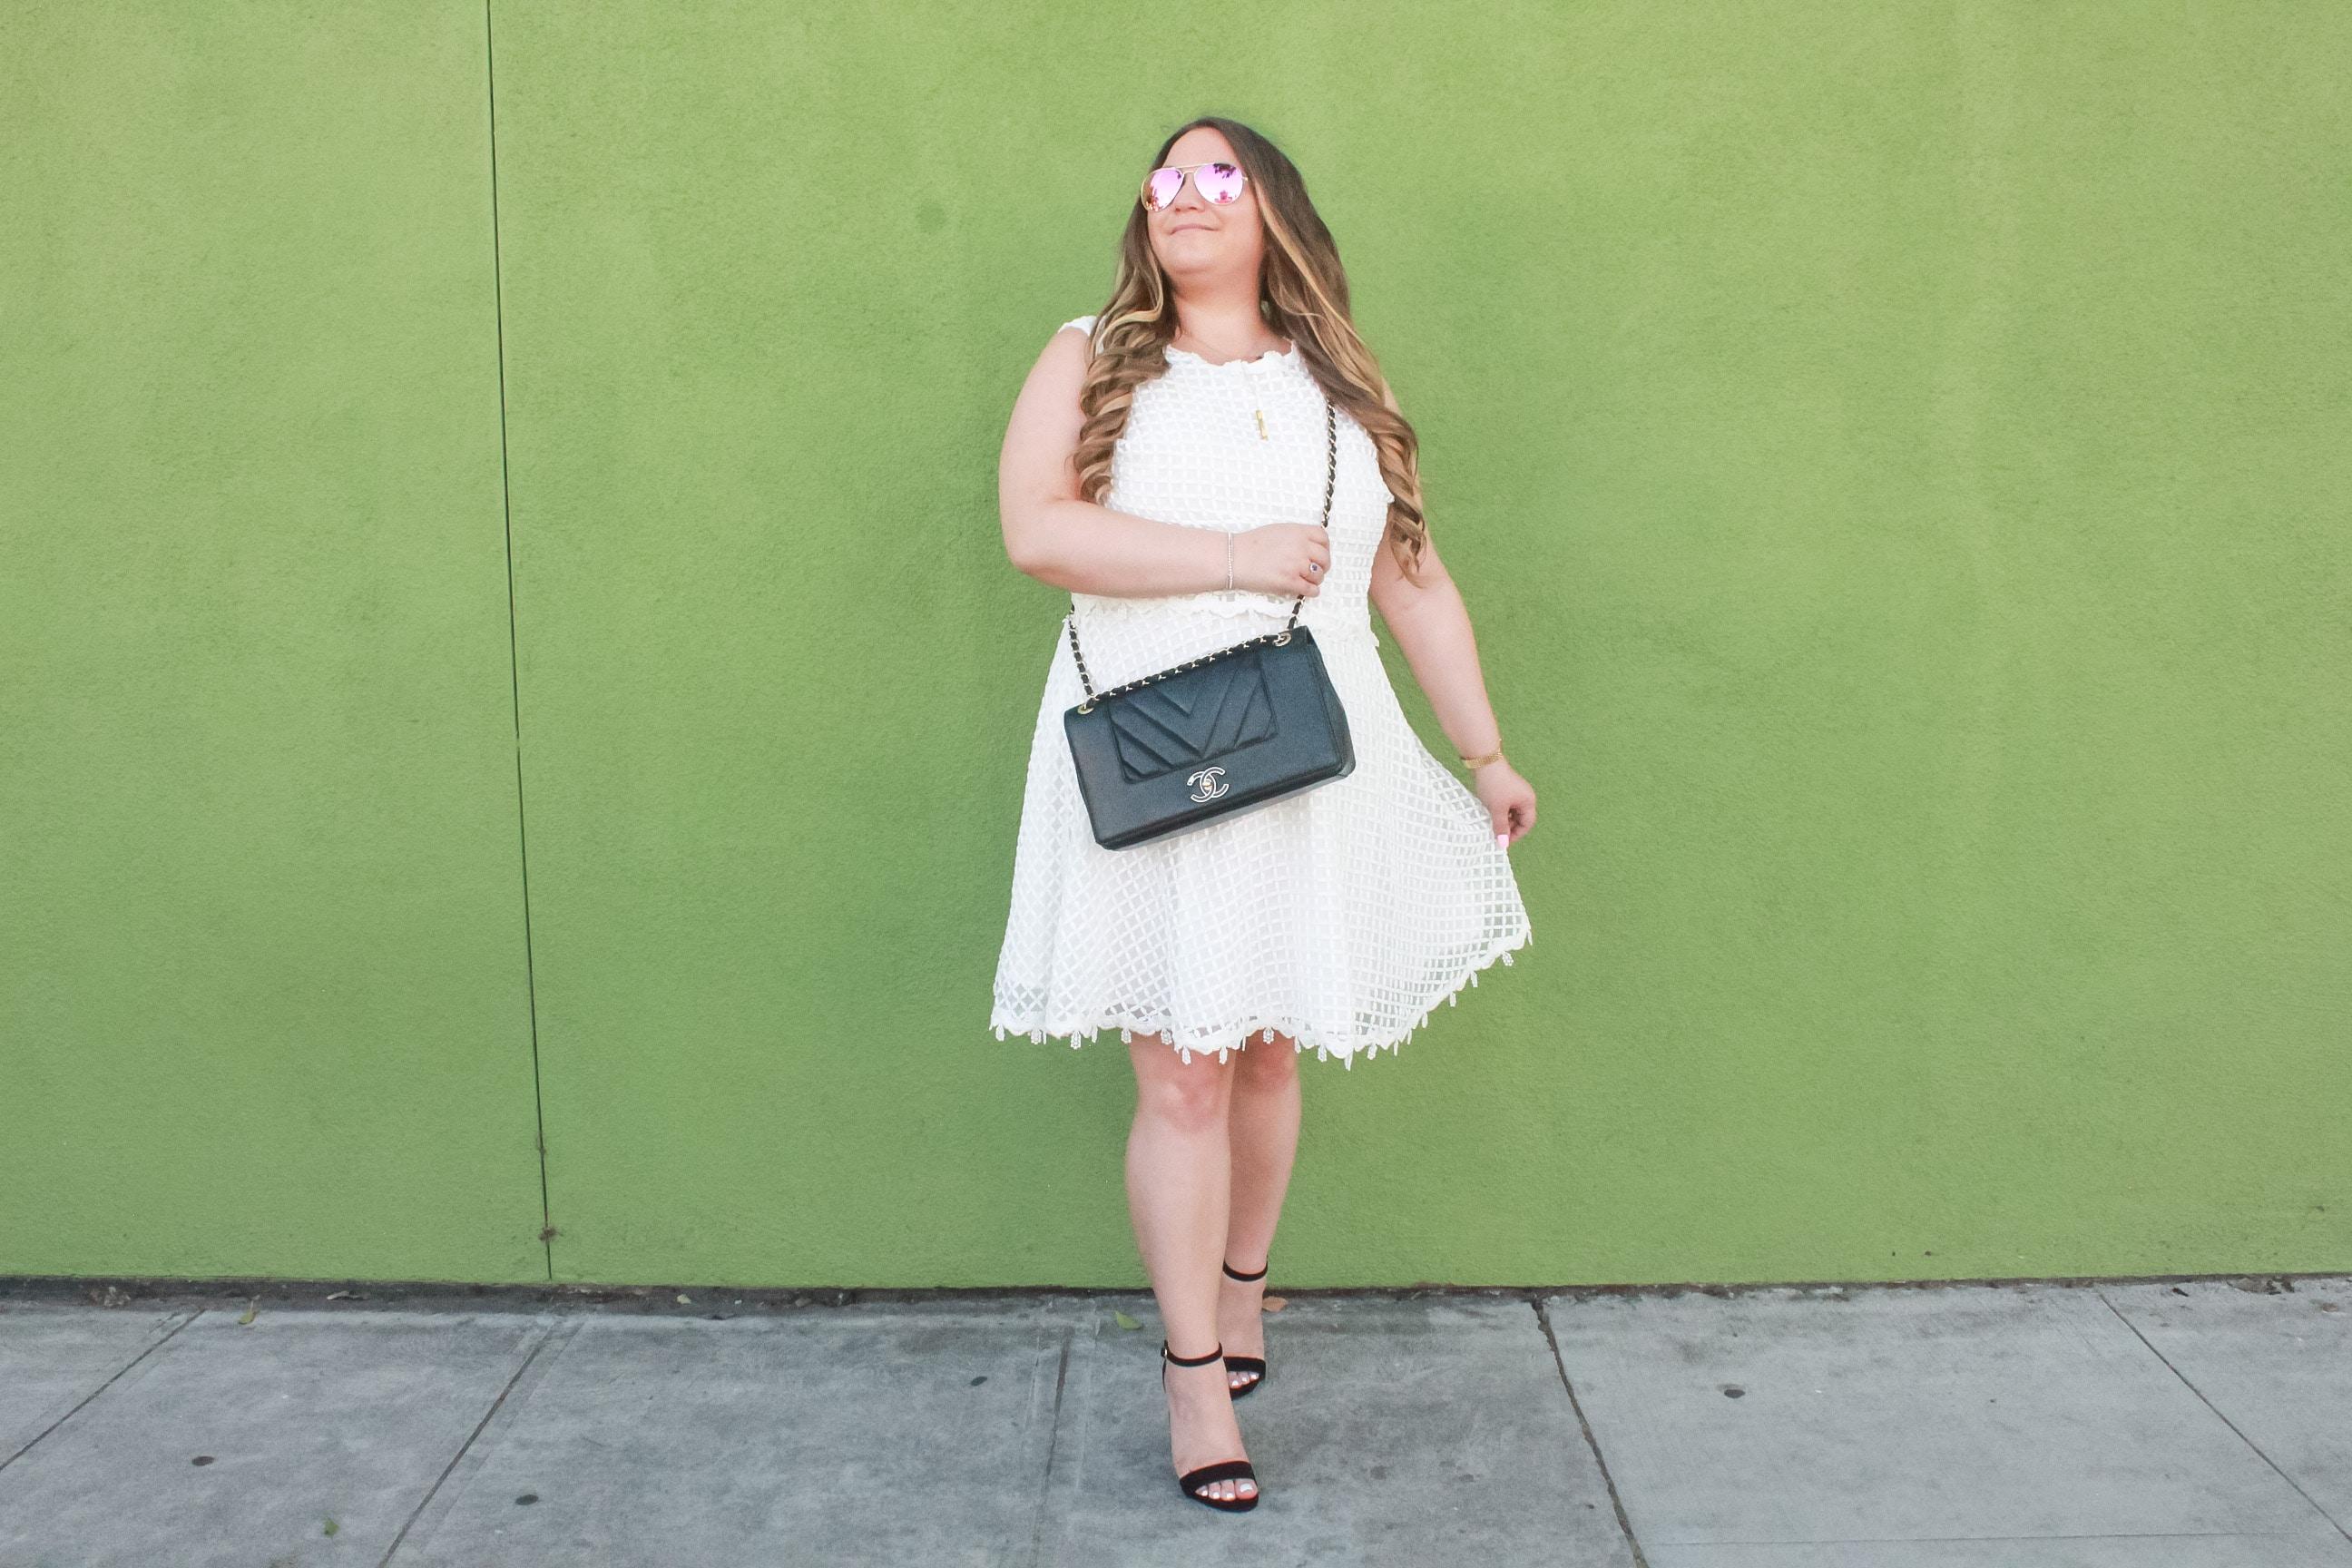 missyonmadison, missyonmadison blog, missyonmadison blogger, la blogger, fashion blog, fashion blogger, fashion inspo, simply be, simply be usa, simply be dress, white eyelet dress, white a line dress, white summer dress, little white dress, white dresses under $100, summer dresses under $100, bloglovin, style inspo, black ankle strap heels, steve madden black ankle strap heels, black chanel flap bag, black chanel bag, chanel bag, raybans, aviators, style watch, melissa tierney, missyonmadison blog,